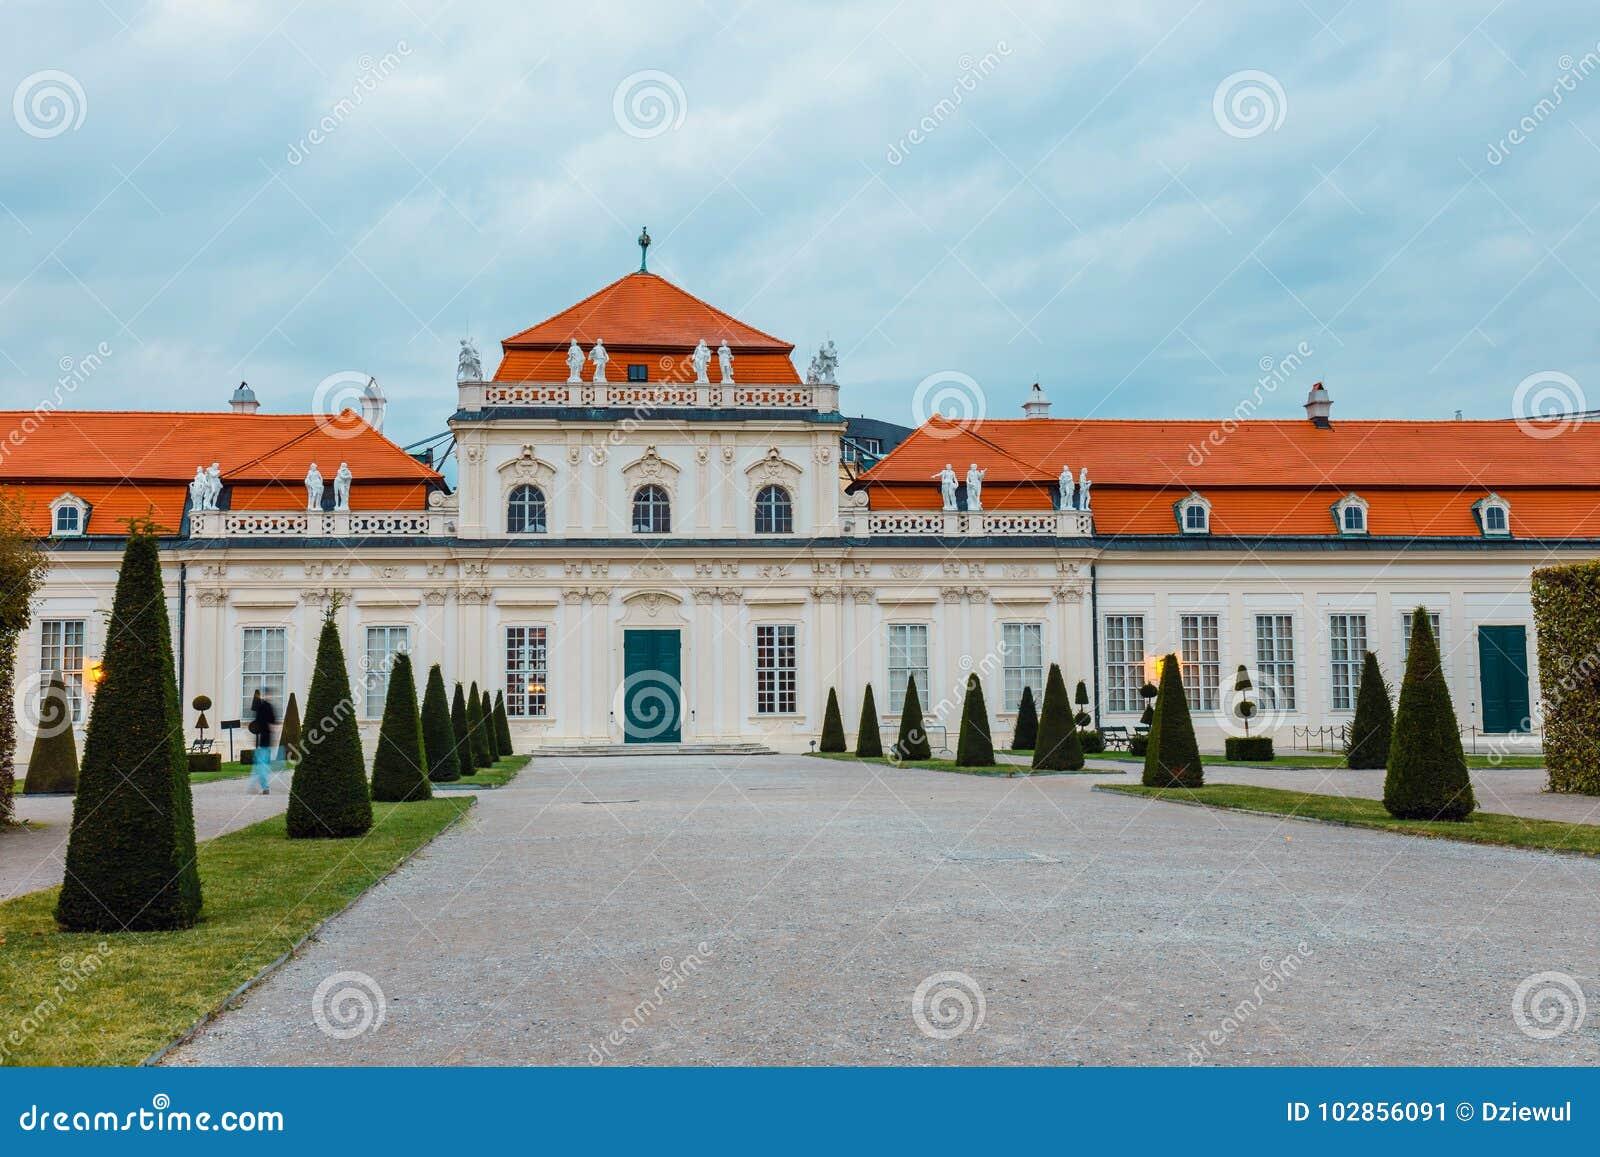 Palácio do Belvedere em Viena, Áustria